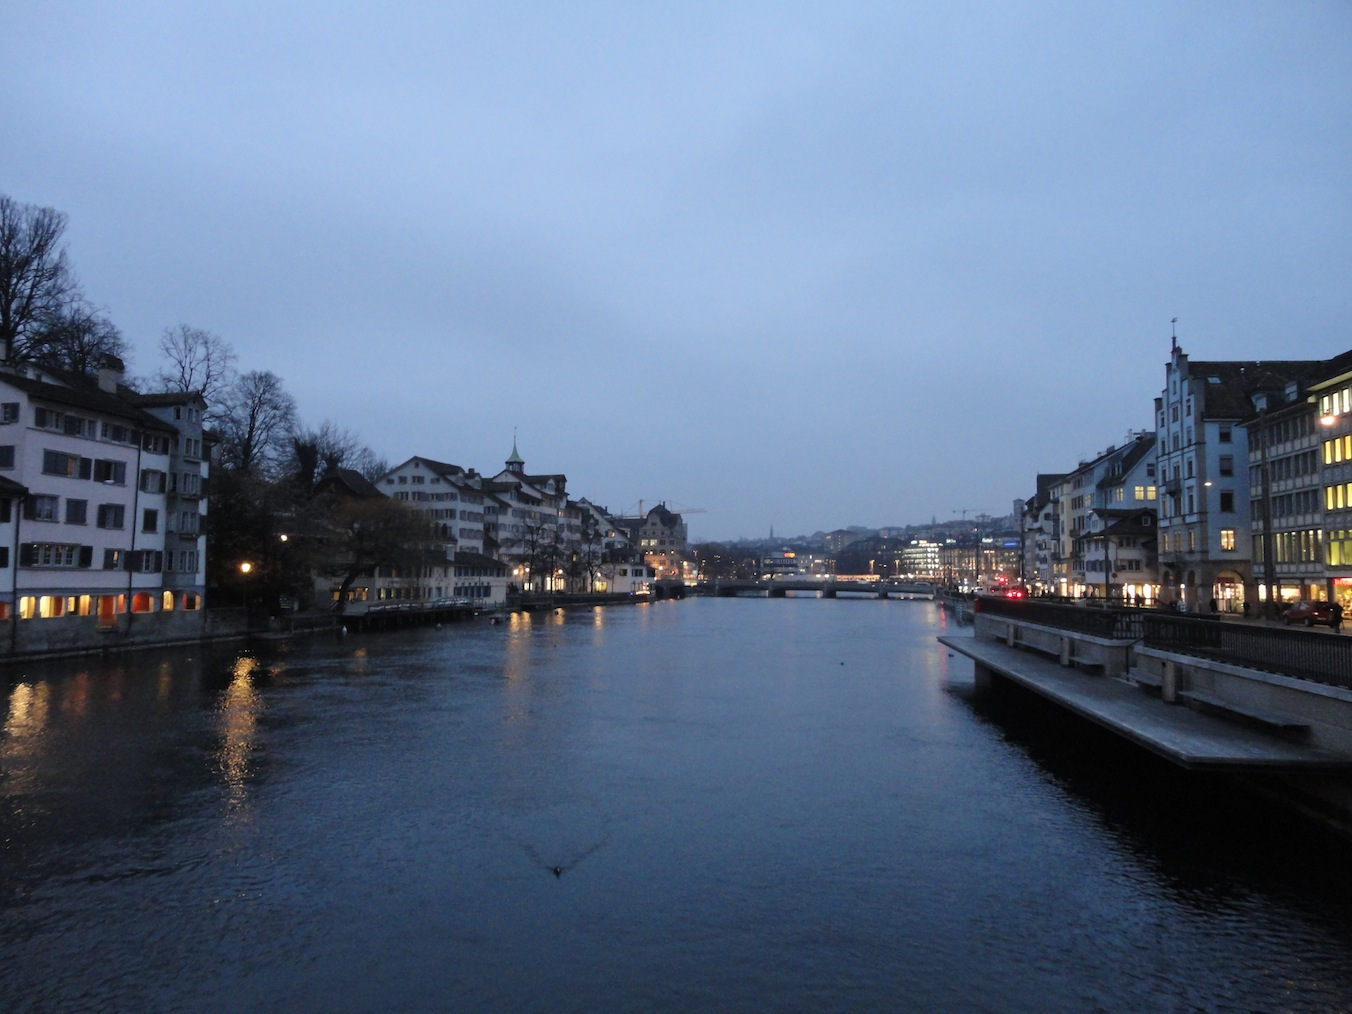 Dämmerung in Zürich